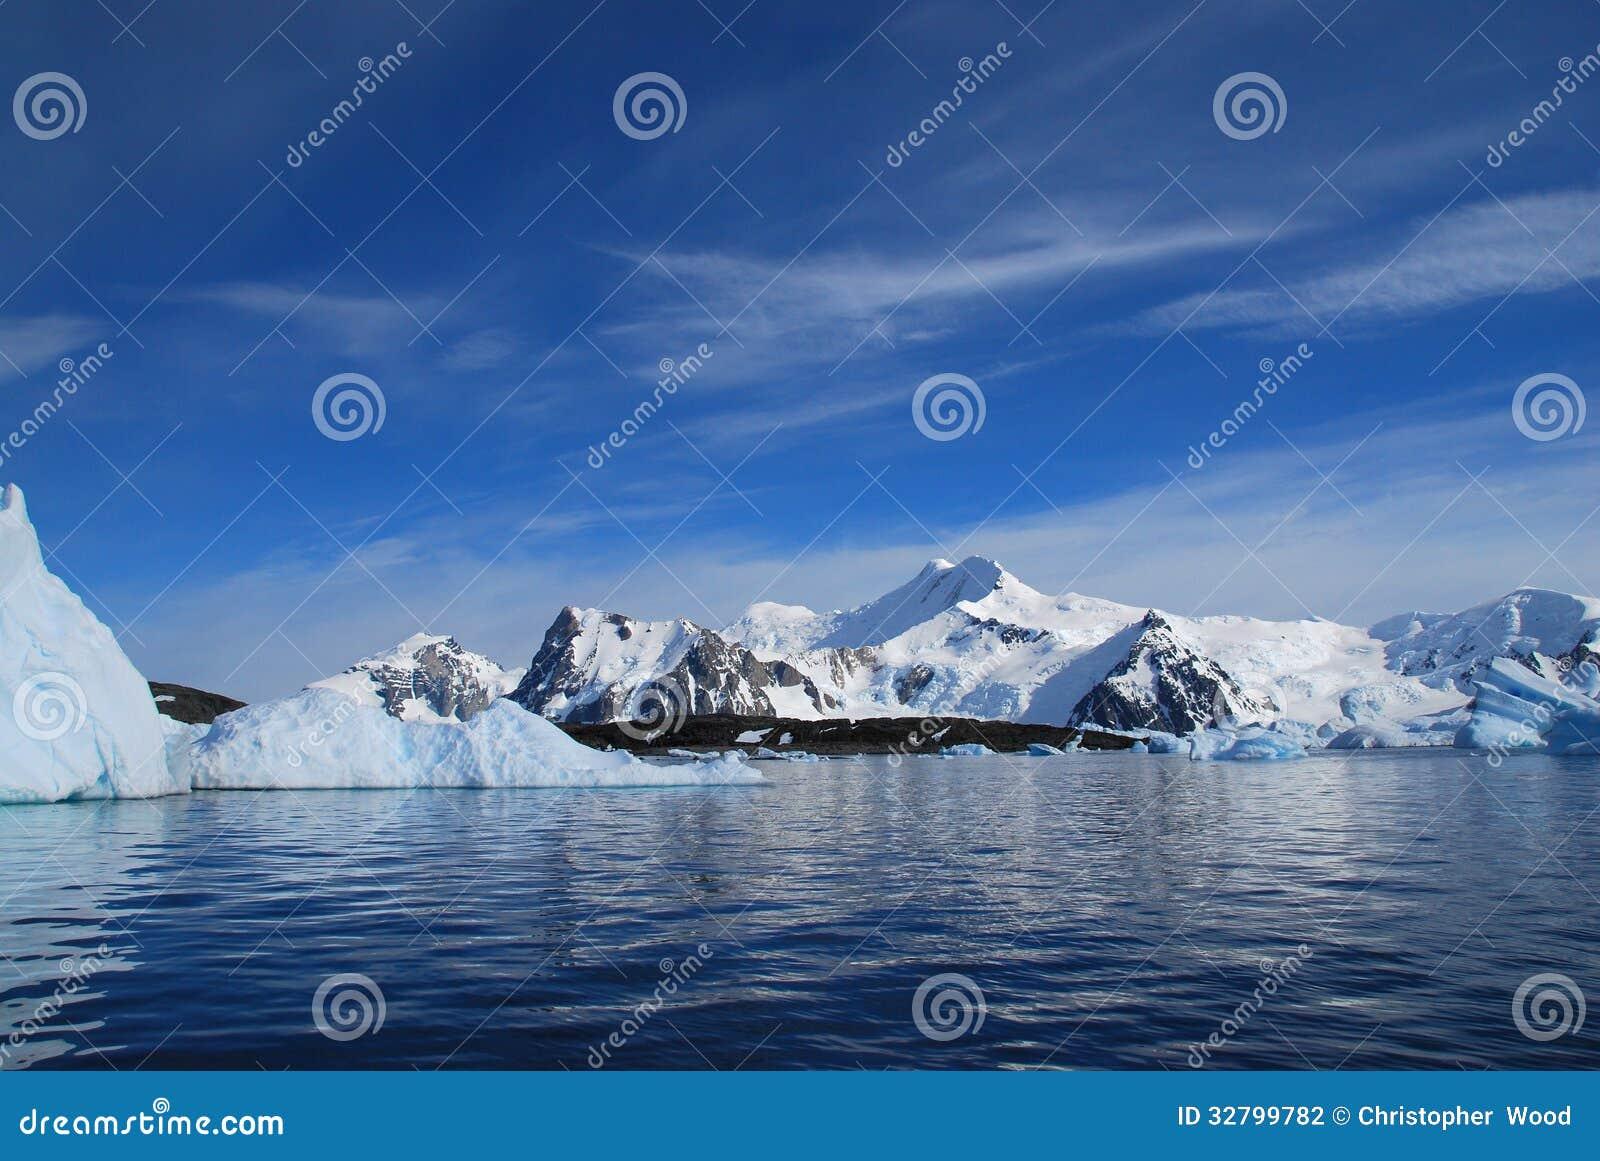 Peninsulare antartico